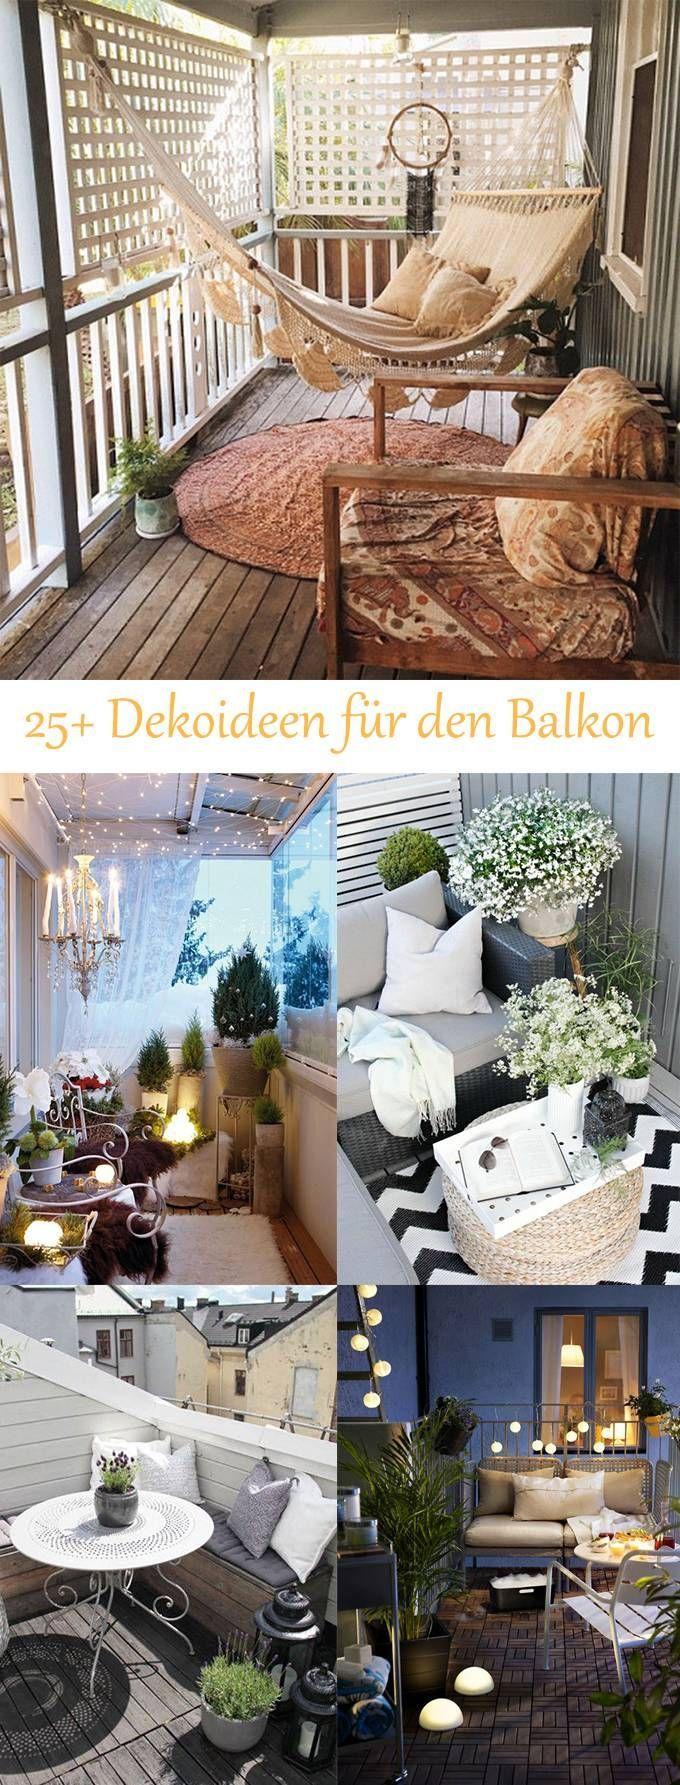 So lässt sich dein Balkon dekorieren Tolle DIY Dekoideen für dein Zuhause - Janina Blog